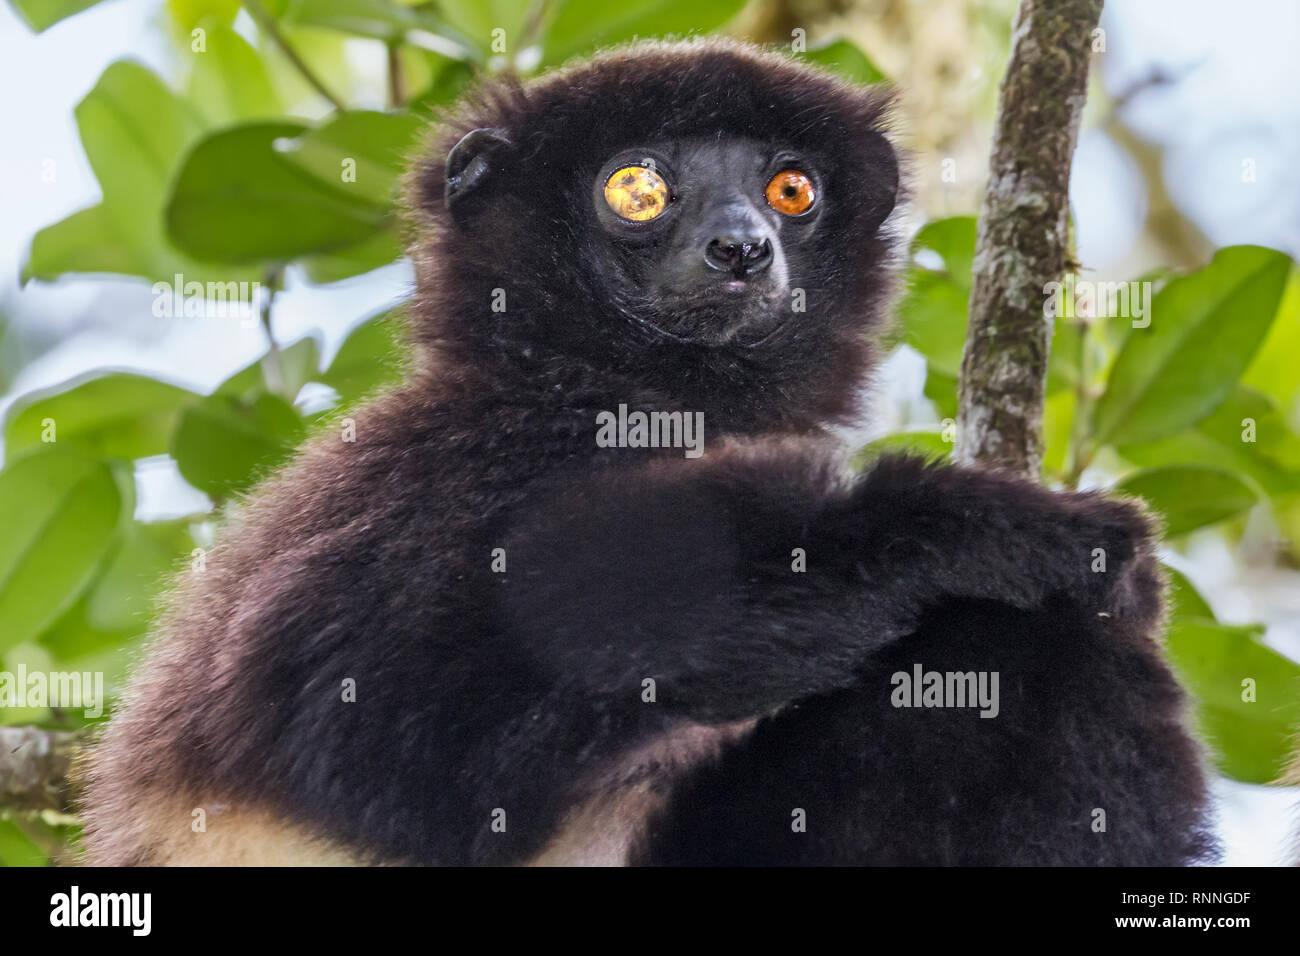 Milne-Edward's Sifika,  lemur, Propithecus edwardsi, Ranomafana National Park, Madagascar. Blind right eye due to trauma - Stock Image